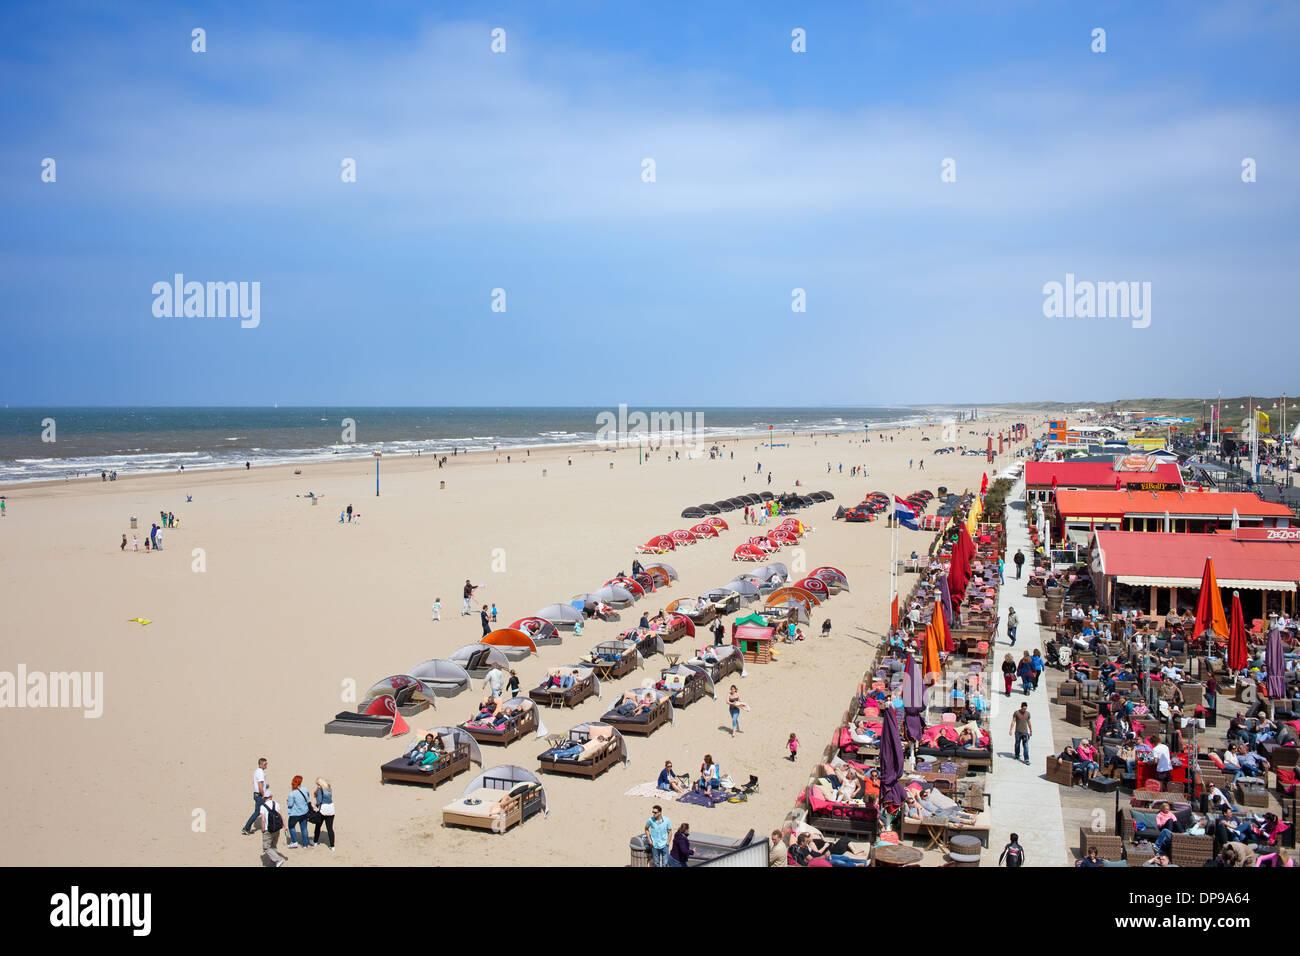 Cafes Restaurants Clubs Along The Scheveningen Beach By